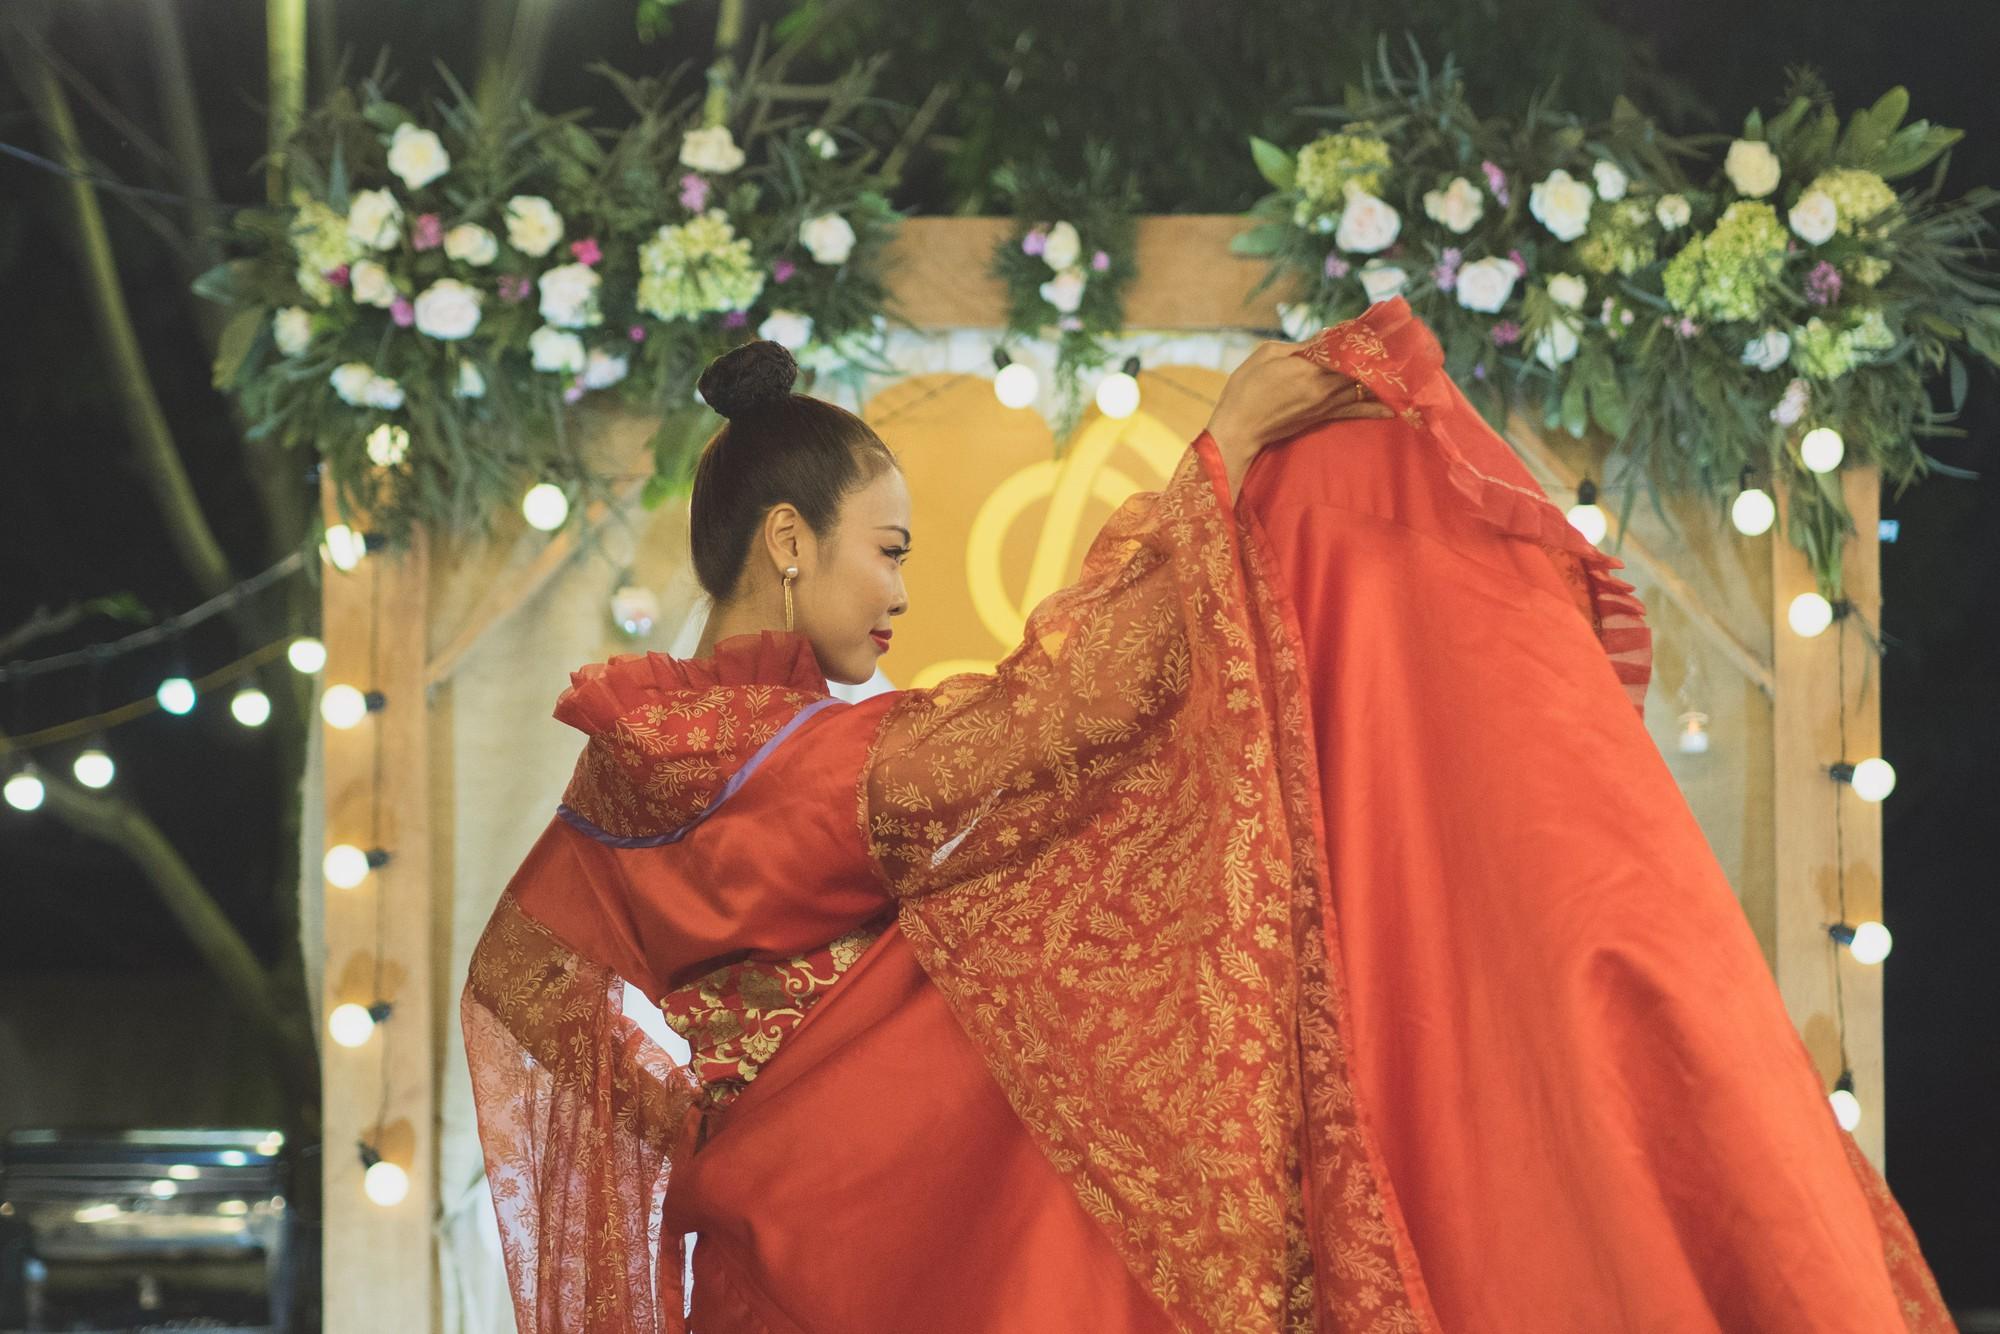 Đám cưới phong cách lẩu thập cẩm: Cô dâu hóa Võ Tắc Thiên, chú rể cosplay thần Hy Lạp - Ảnh 13.